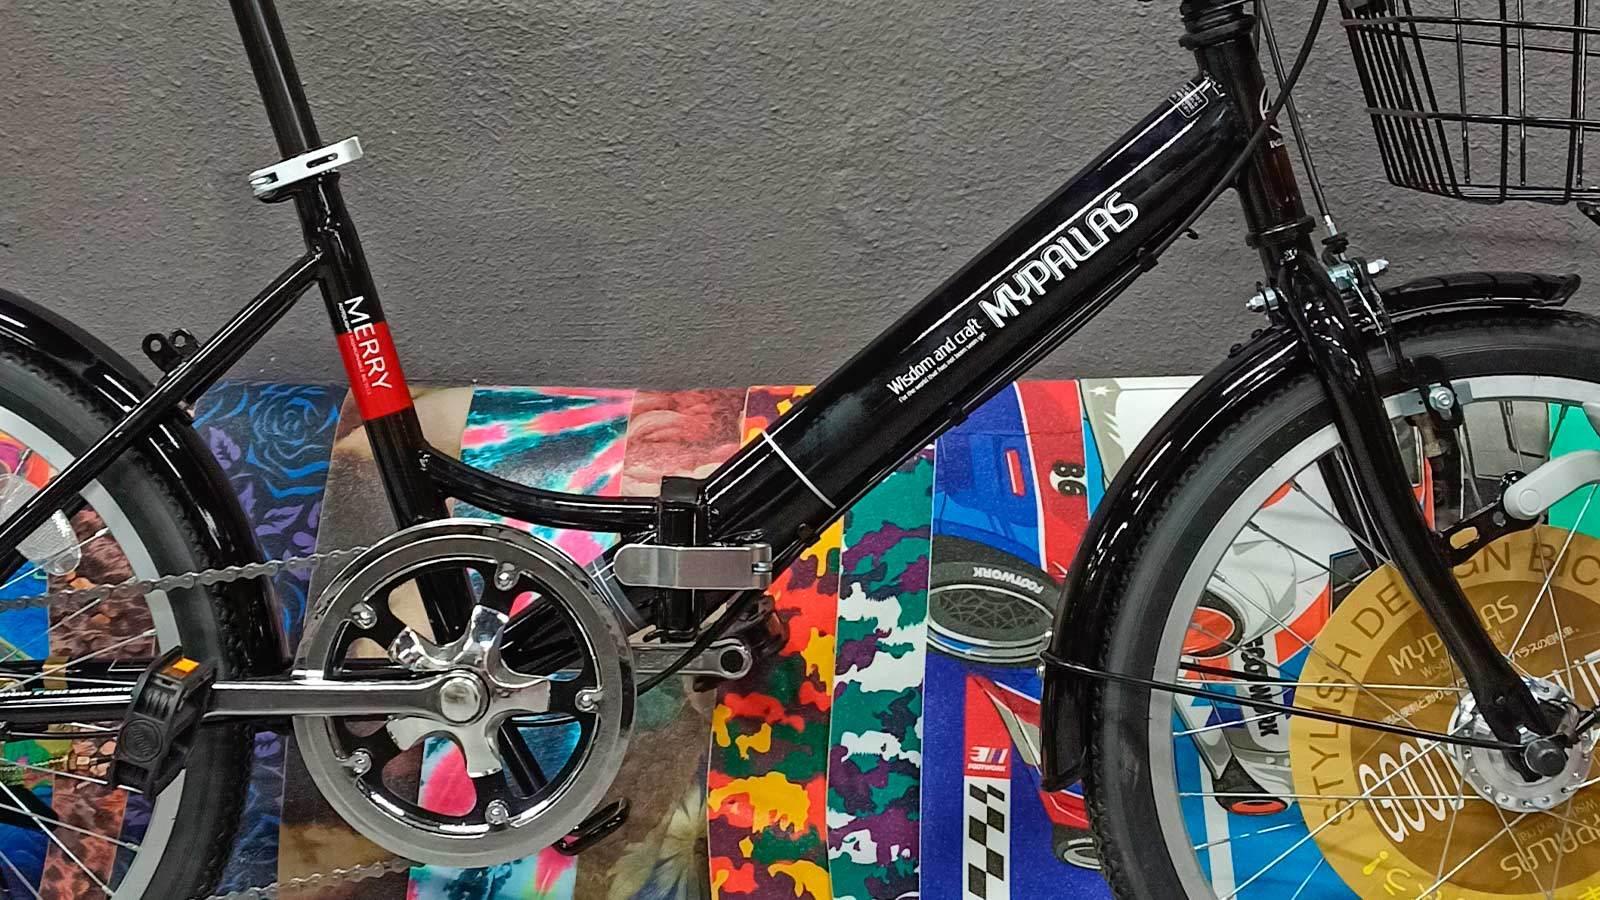 педаль и рама городского велосипеда MyPallas M204